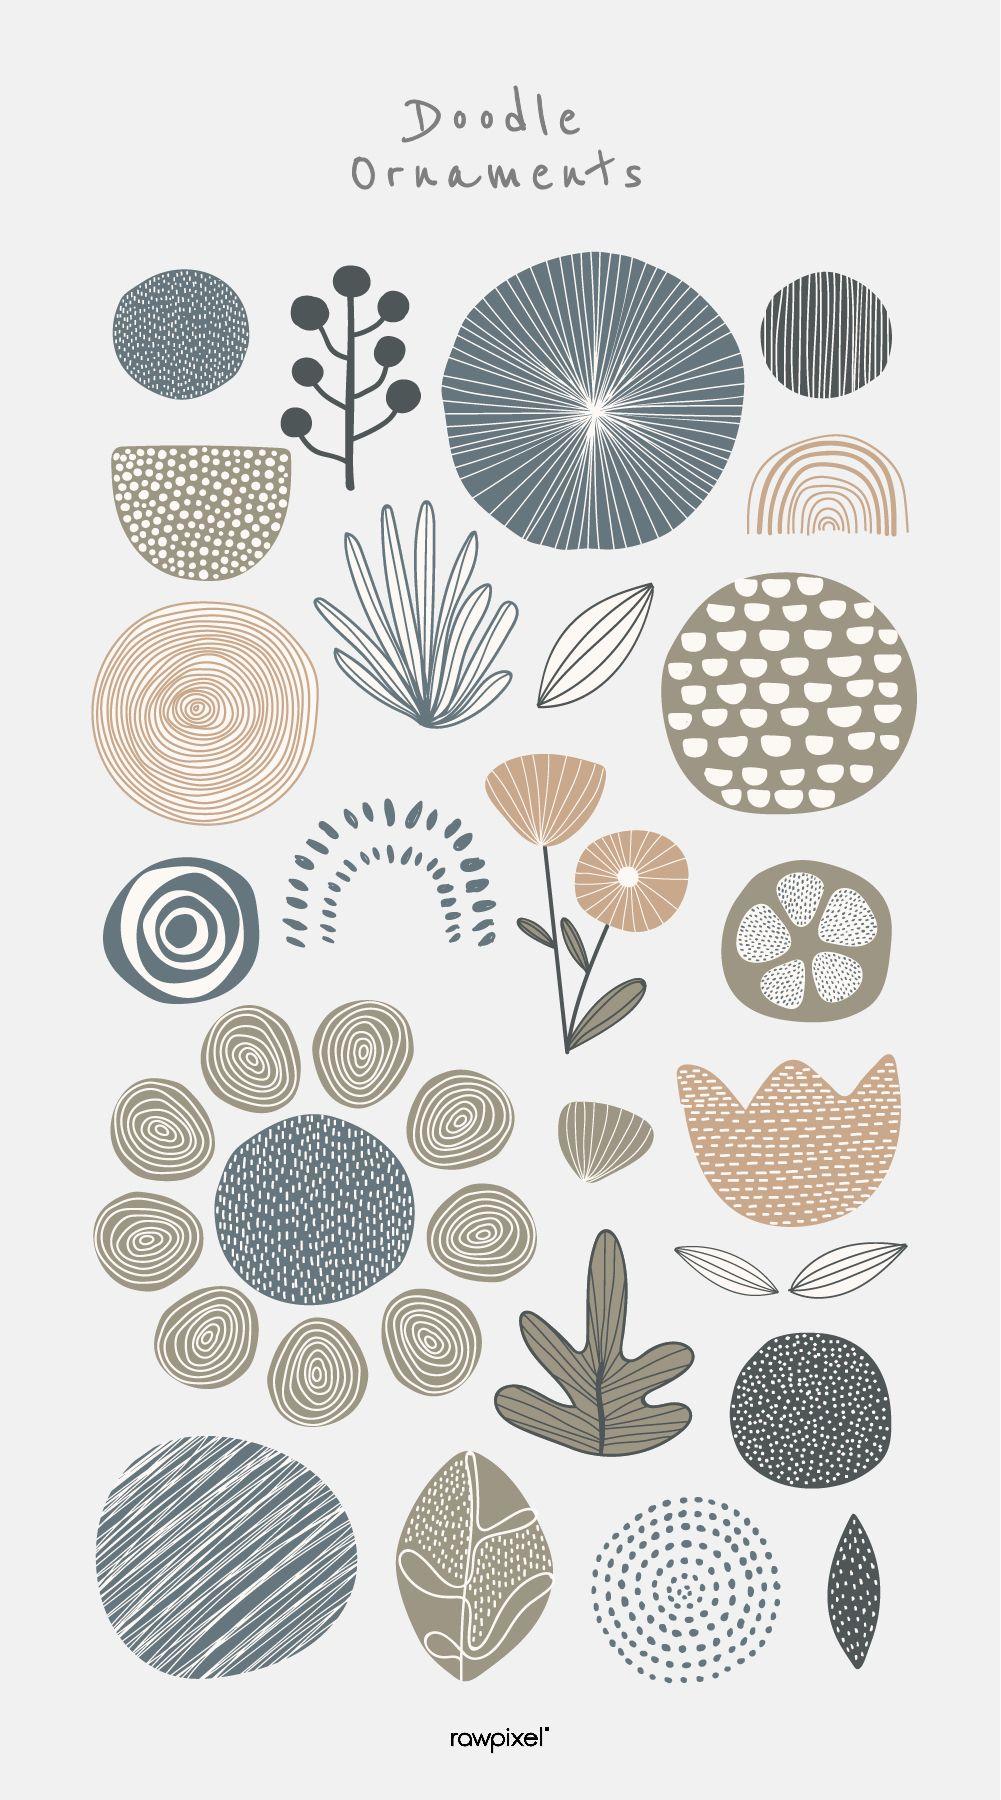 Natural patterned doodle background vector #flowerpatterndesign